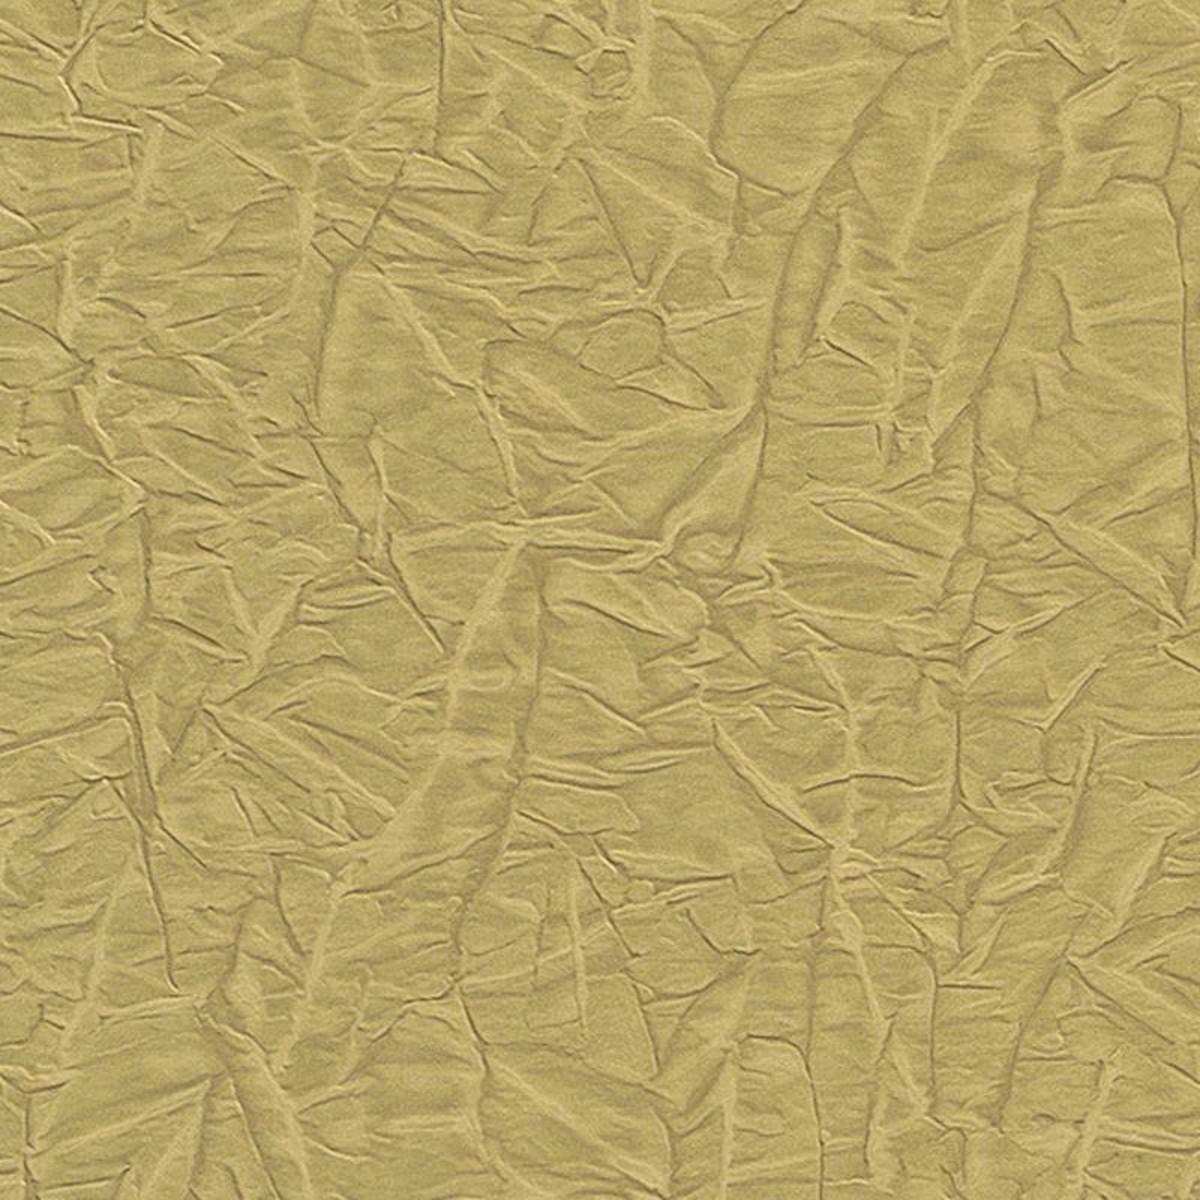 Обои виниловые Rasch Celebrity коричневые 0.70 м 916355